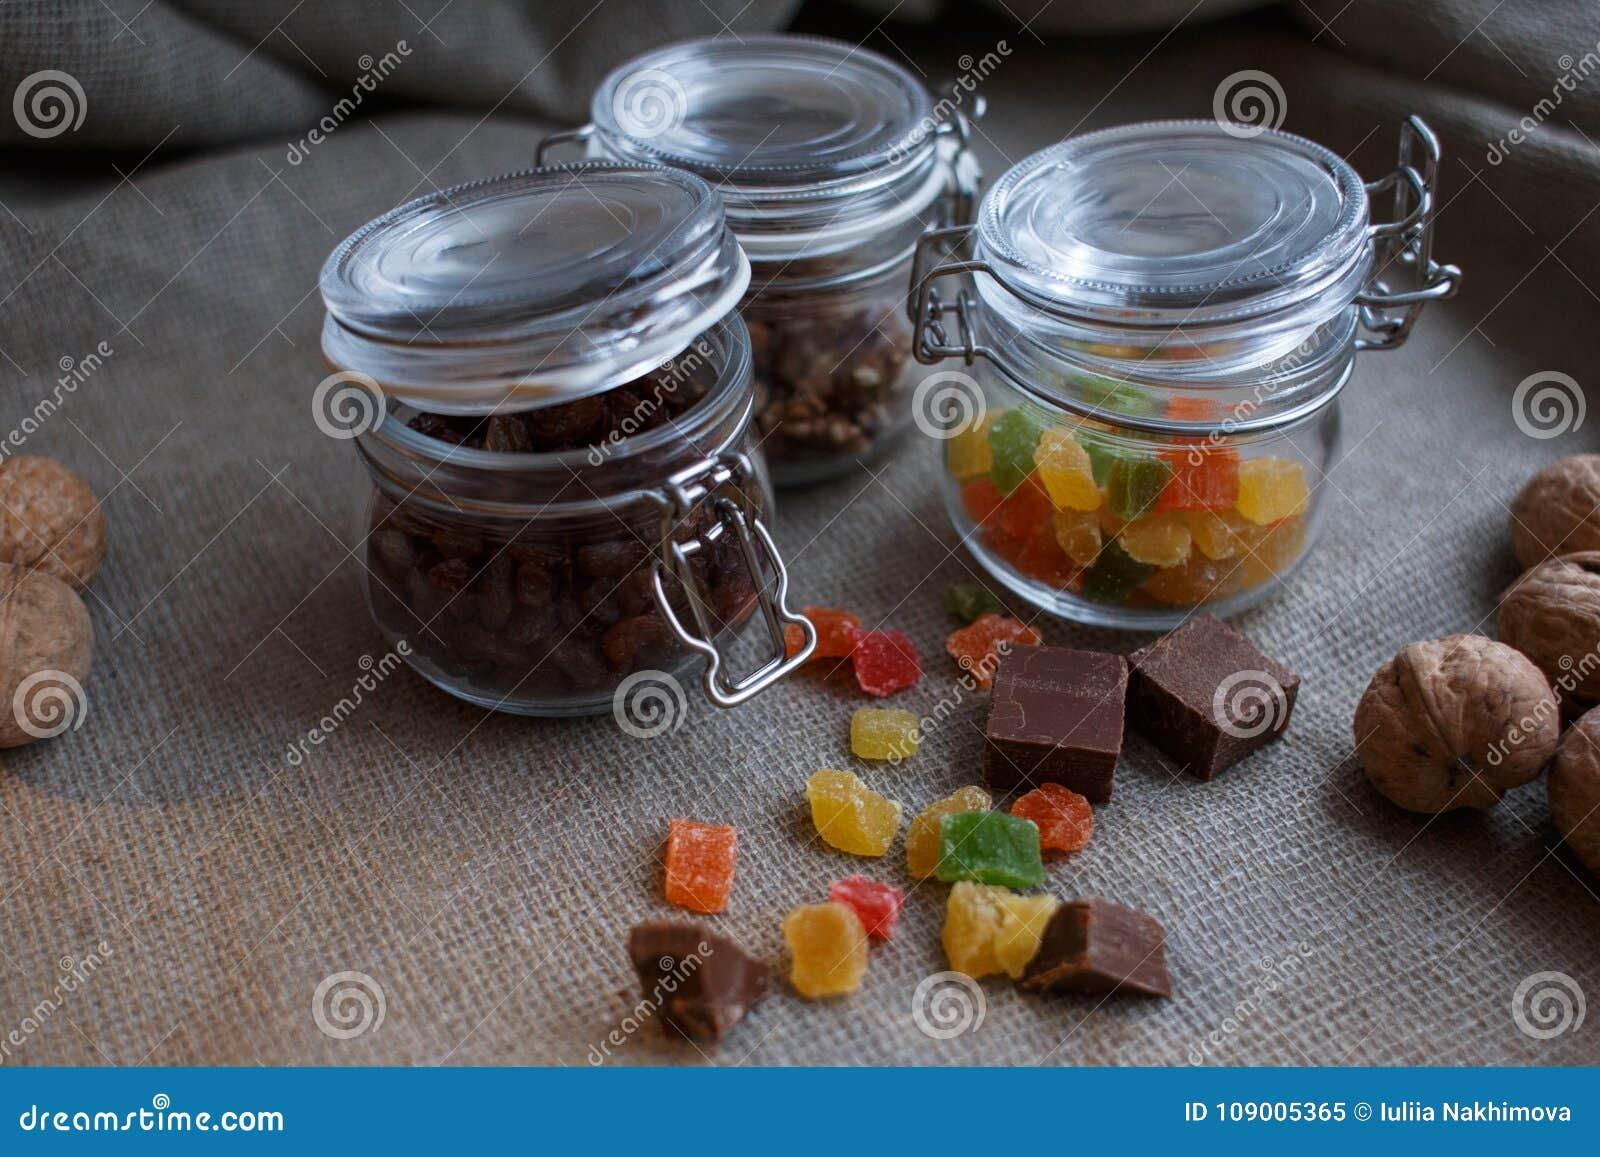 Sötsaker i glass krus